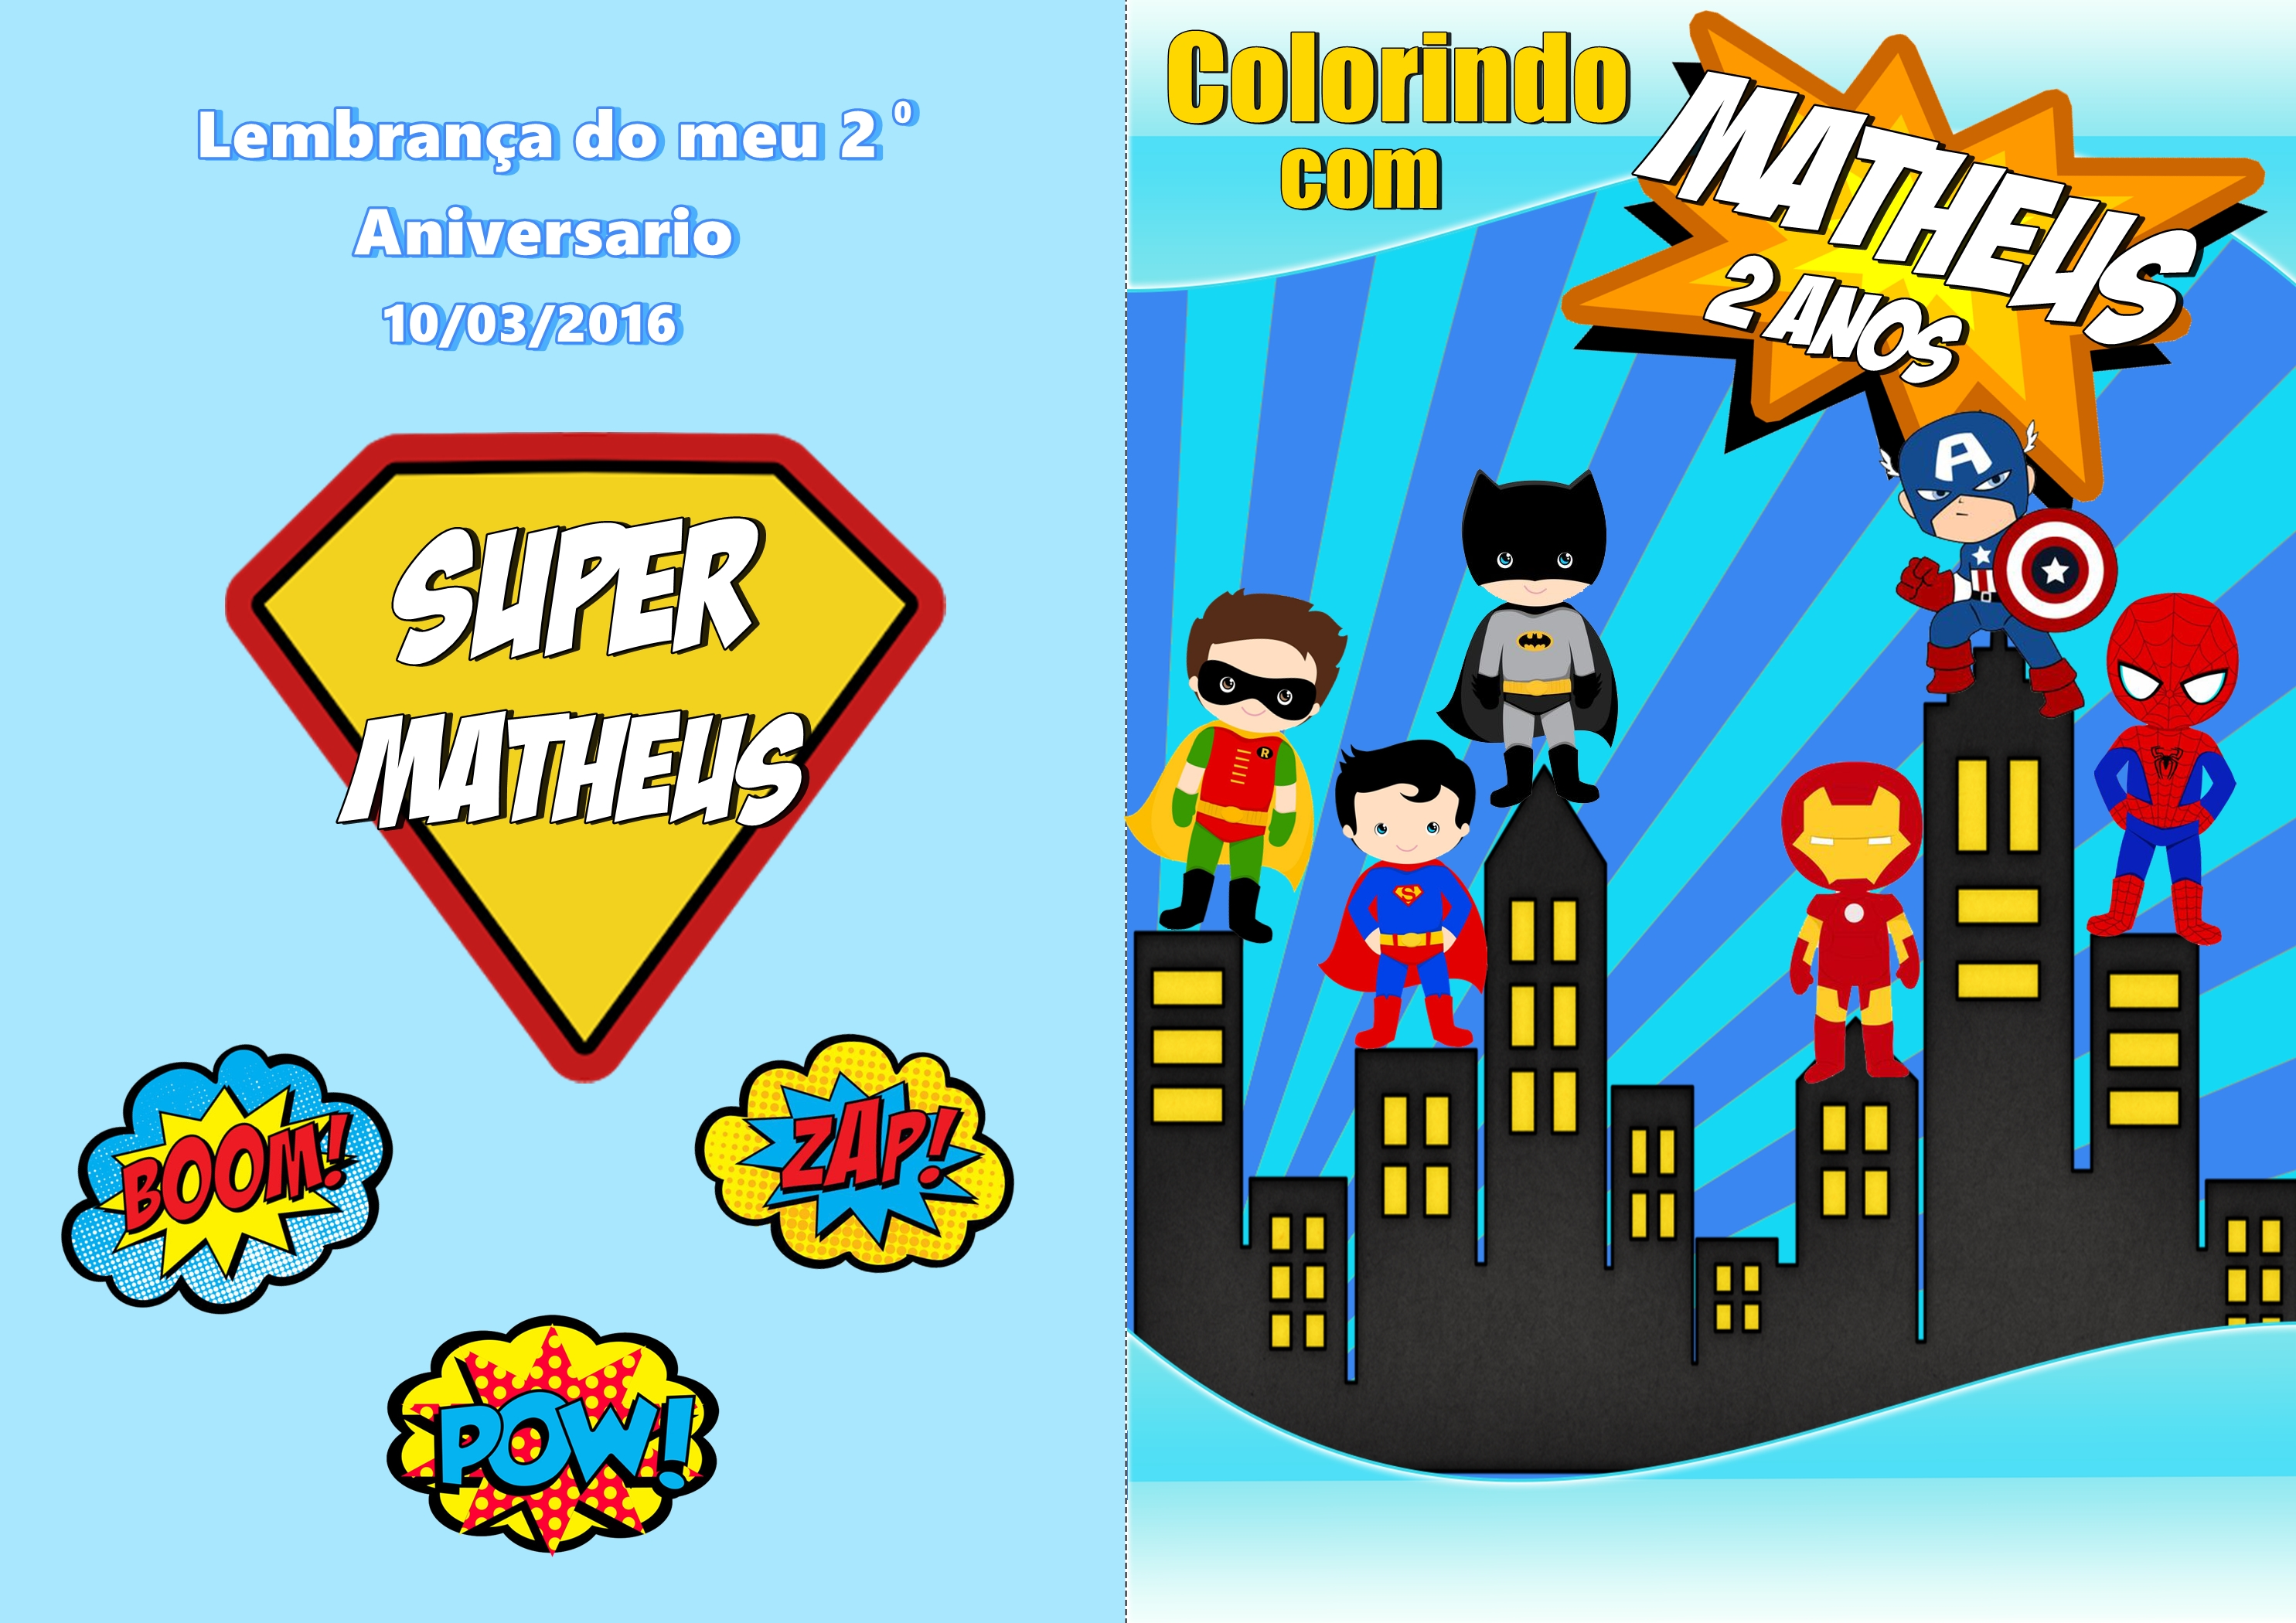 Capa Para Livro De Colorir Super Herois No Elo7 Jacque Arte